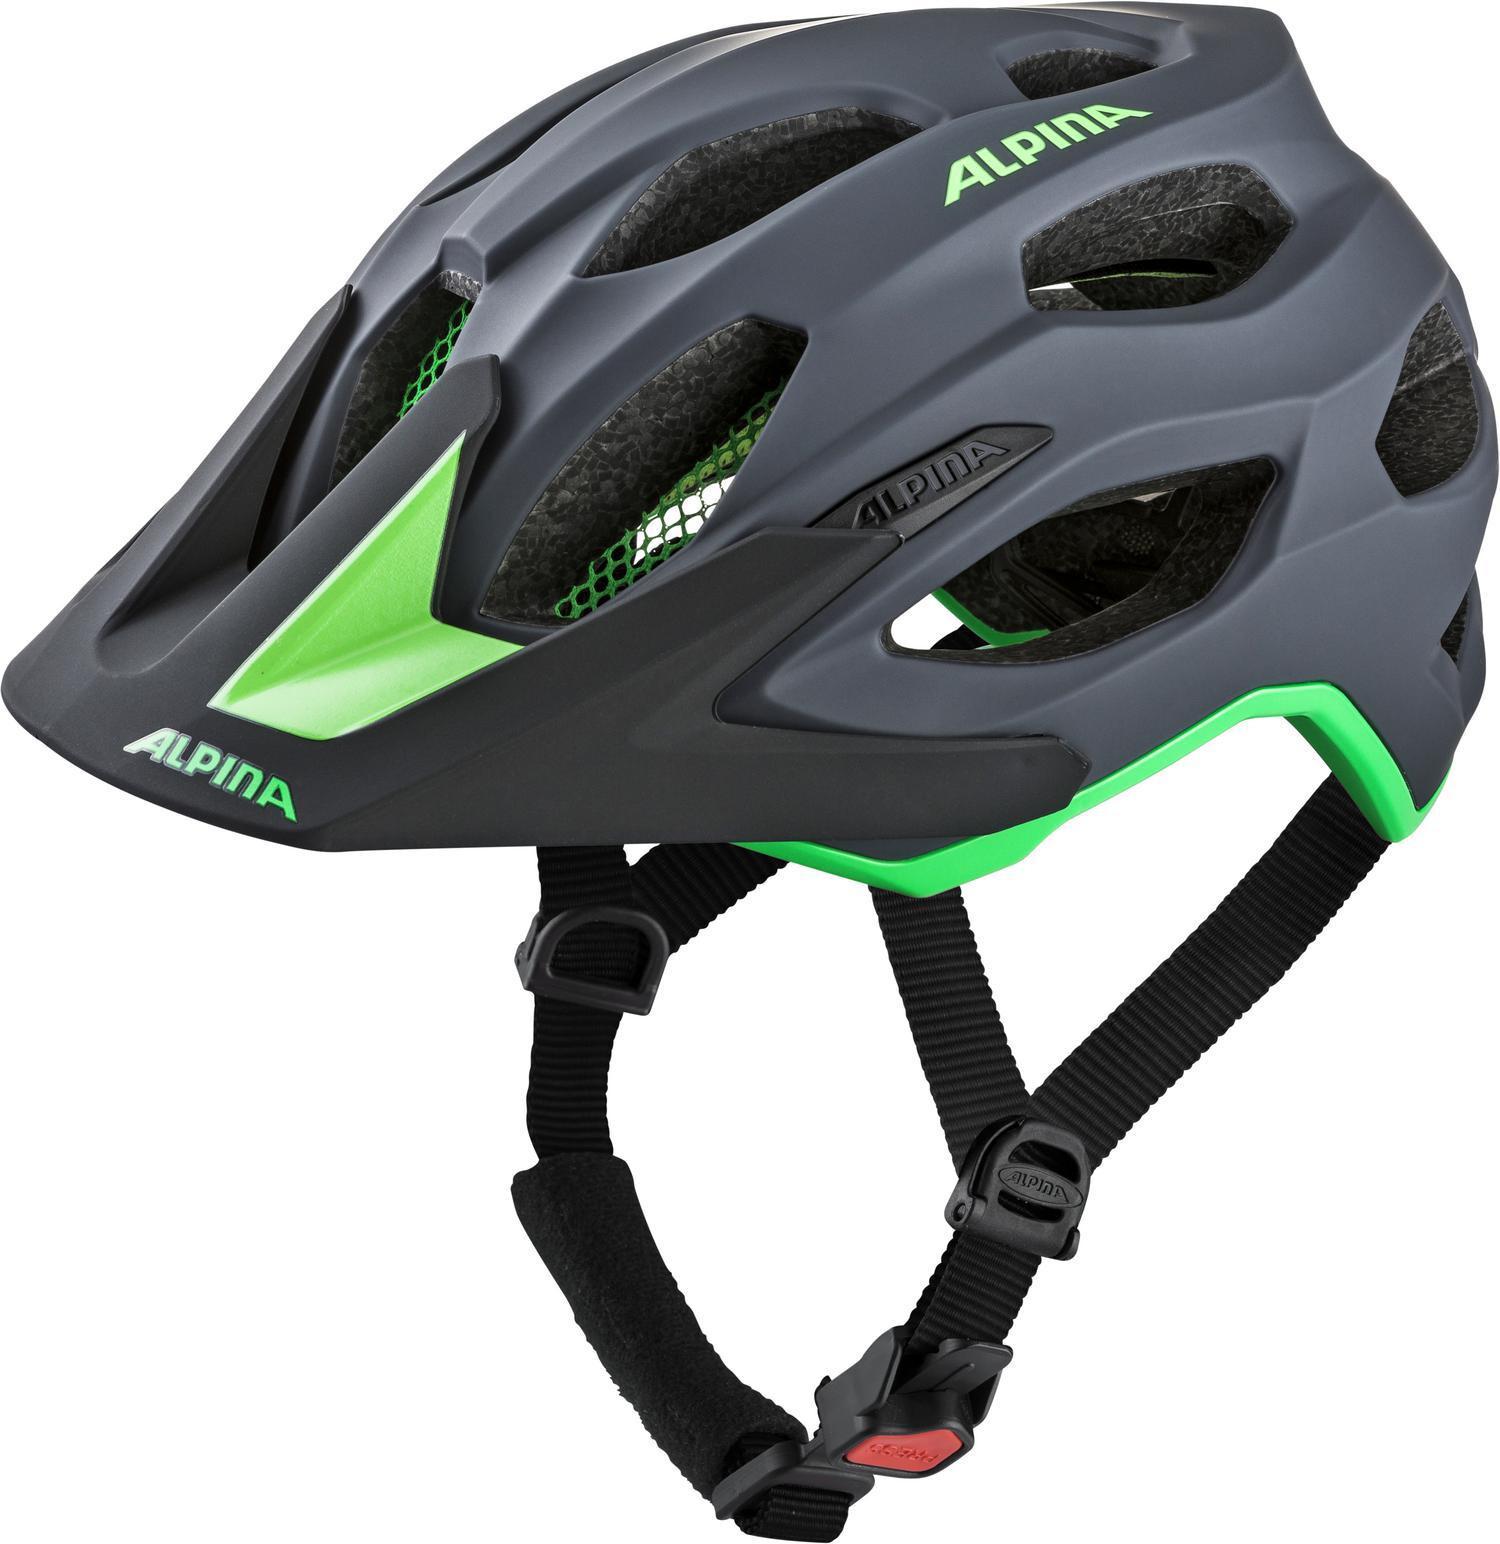 Alpina Carapax 2.0 Cykelhjälm grå grön - till fenomenalt pris på ... 1578b5783b7dd